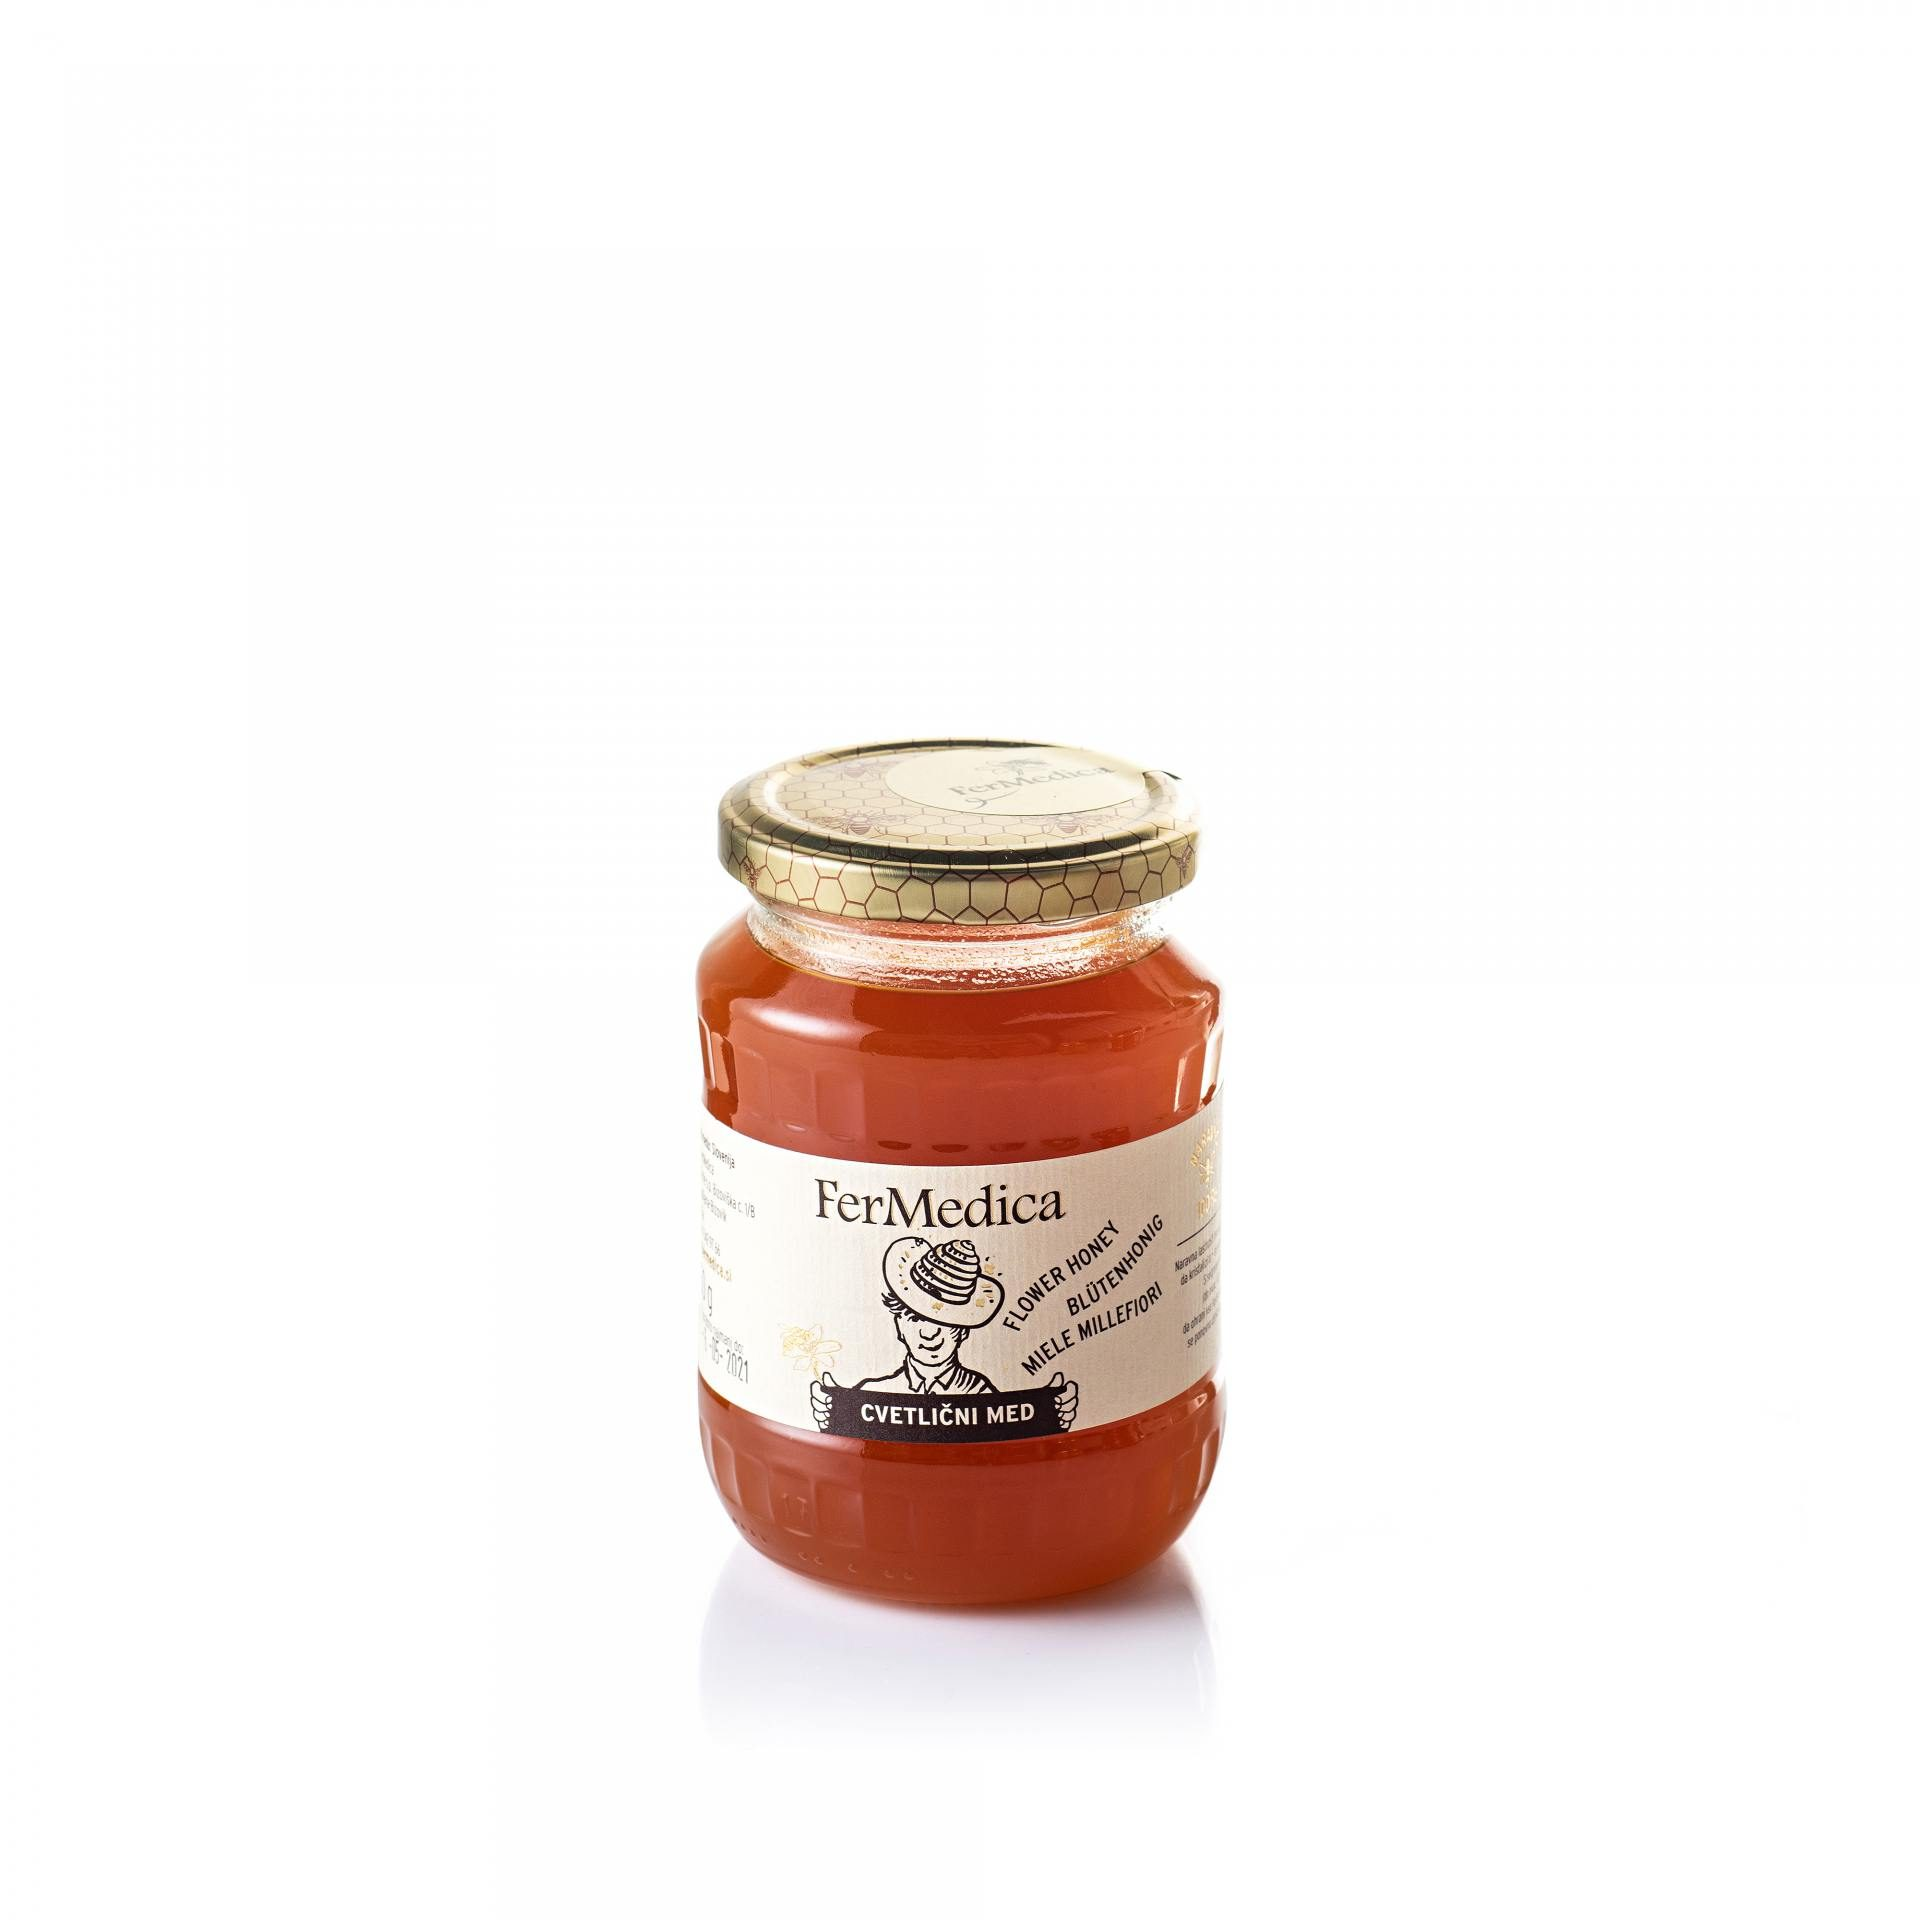 Med in žganje, med z dodatki, darilni seti v lični embalaži fermedica 60